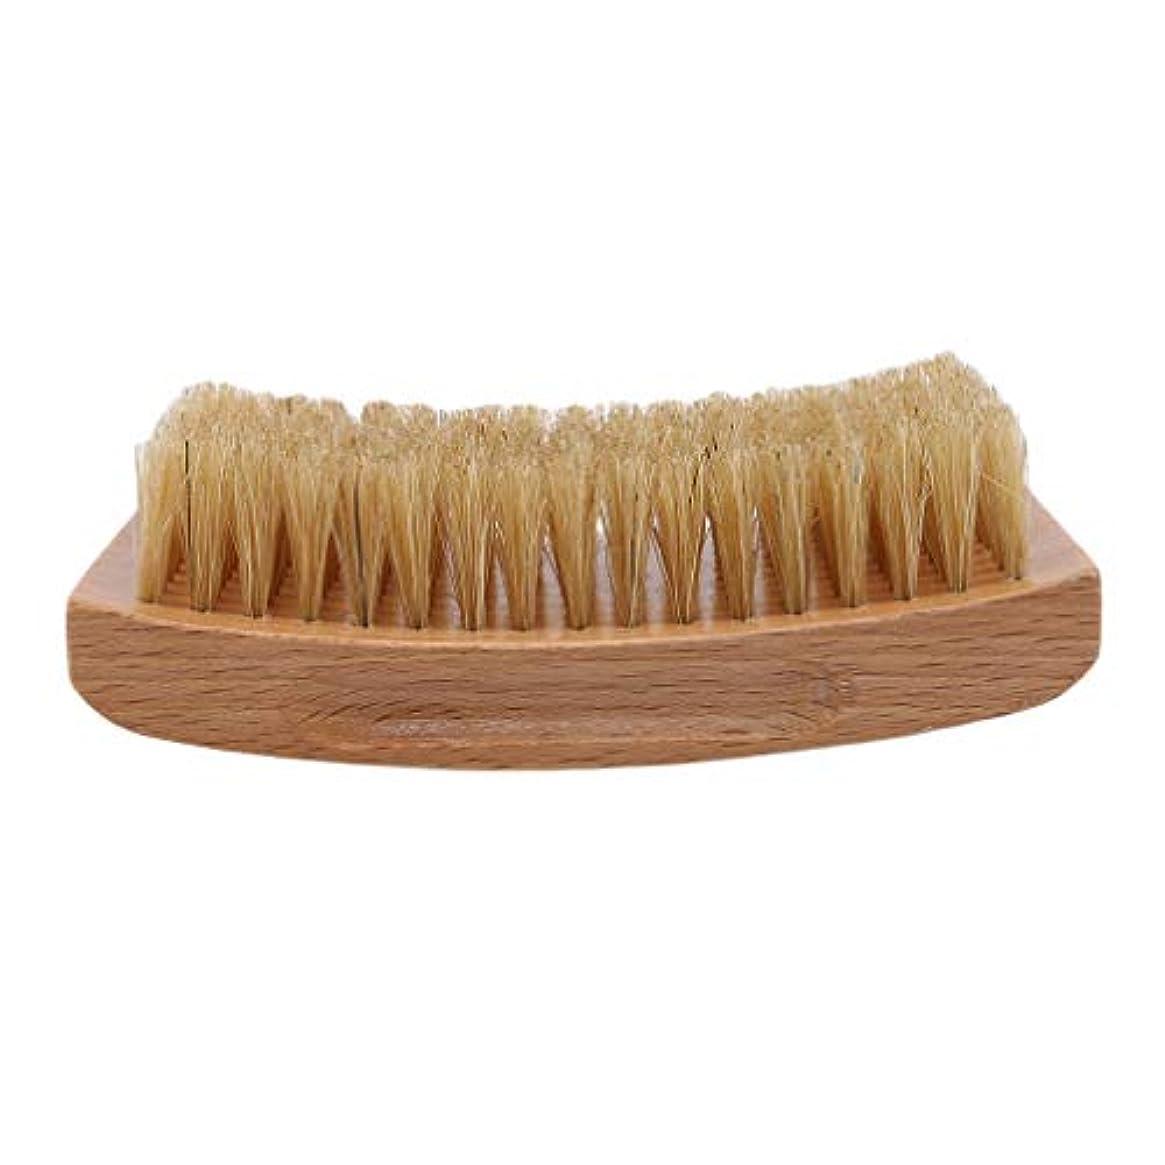 蒸留するスローガン刺すLargesoy ひげブラシ シェービングブラシ 理容 洗顔 髭剃り 泡立ち ひげ剃り 美容ツール シェービング用アクセサリー 1#